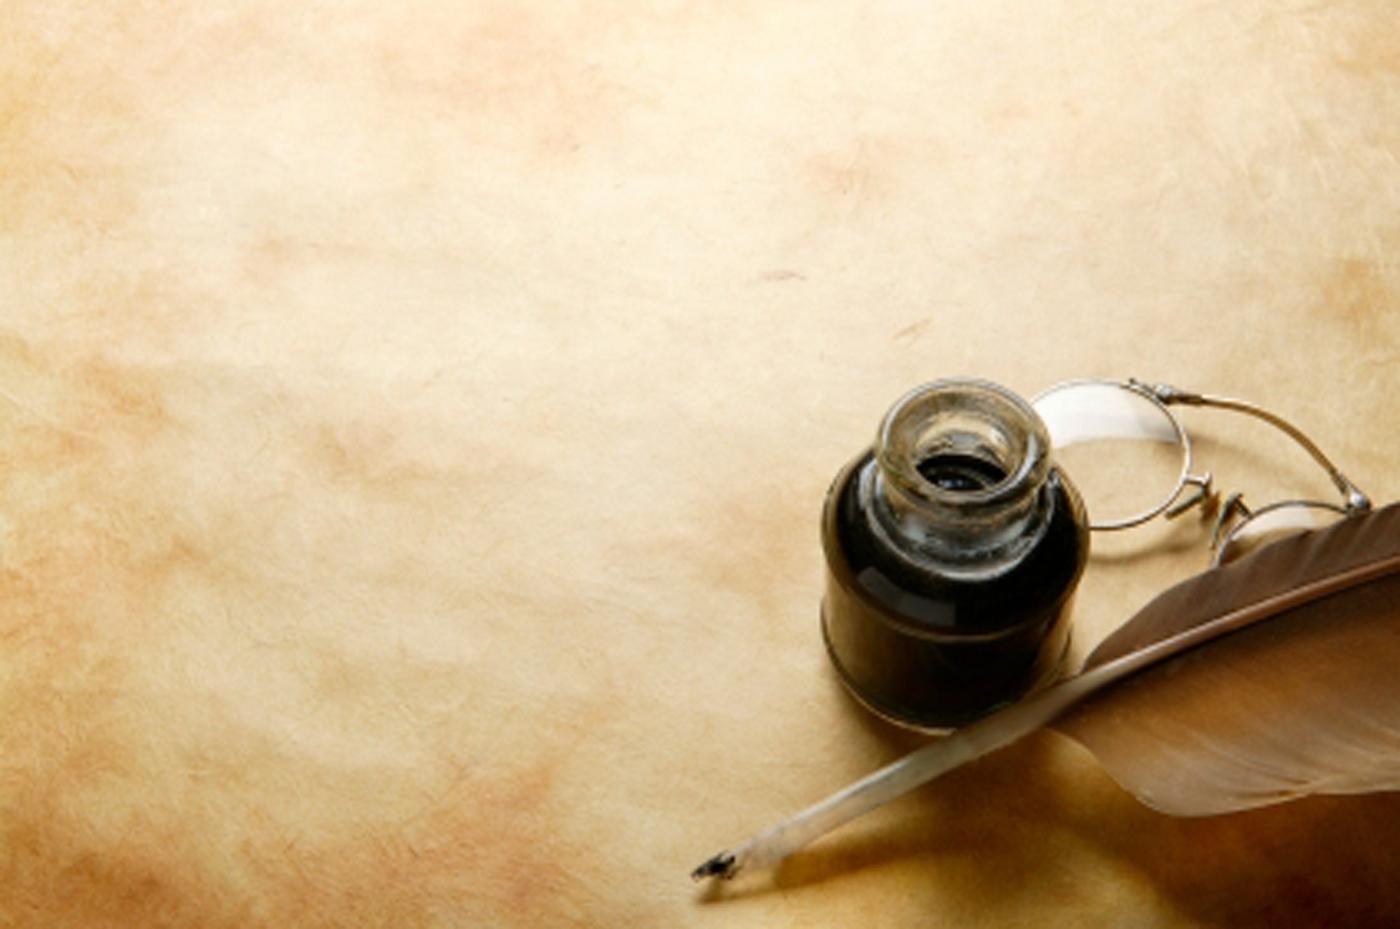 [46+] Pen and Ink Wallpaper on WallpaperSafari